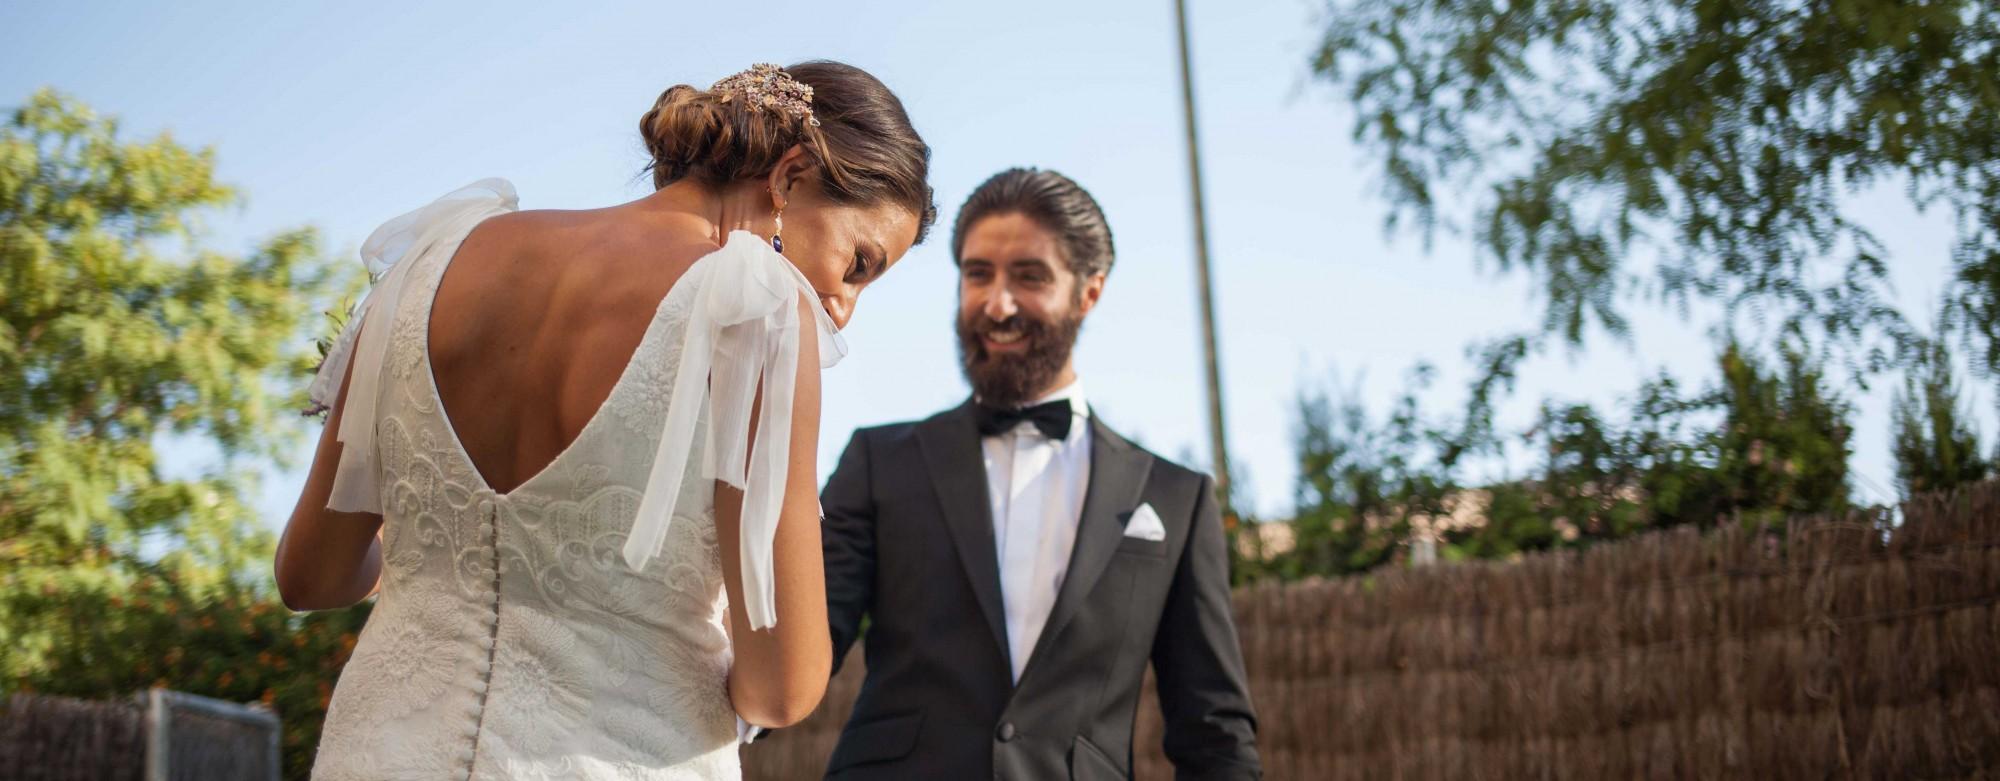 elena-y-pedro Inicio - video boda cadiz